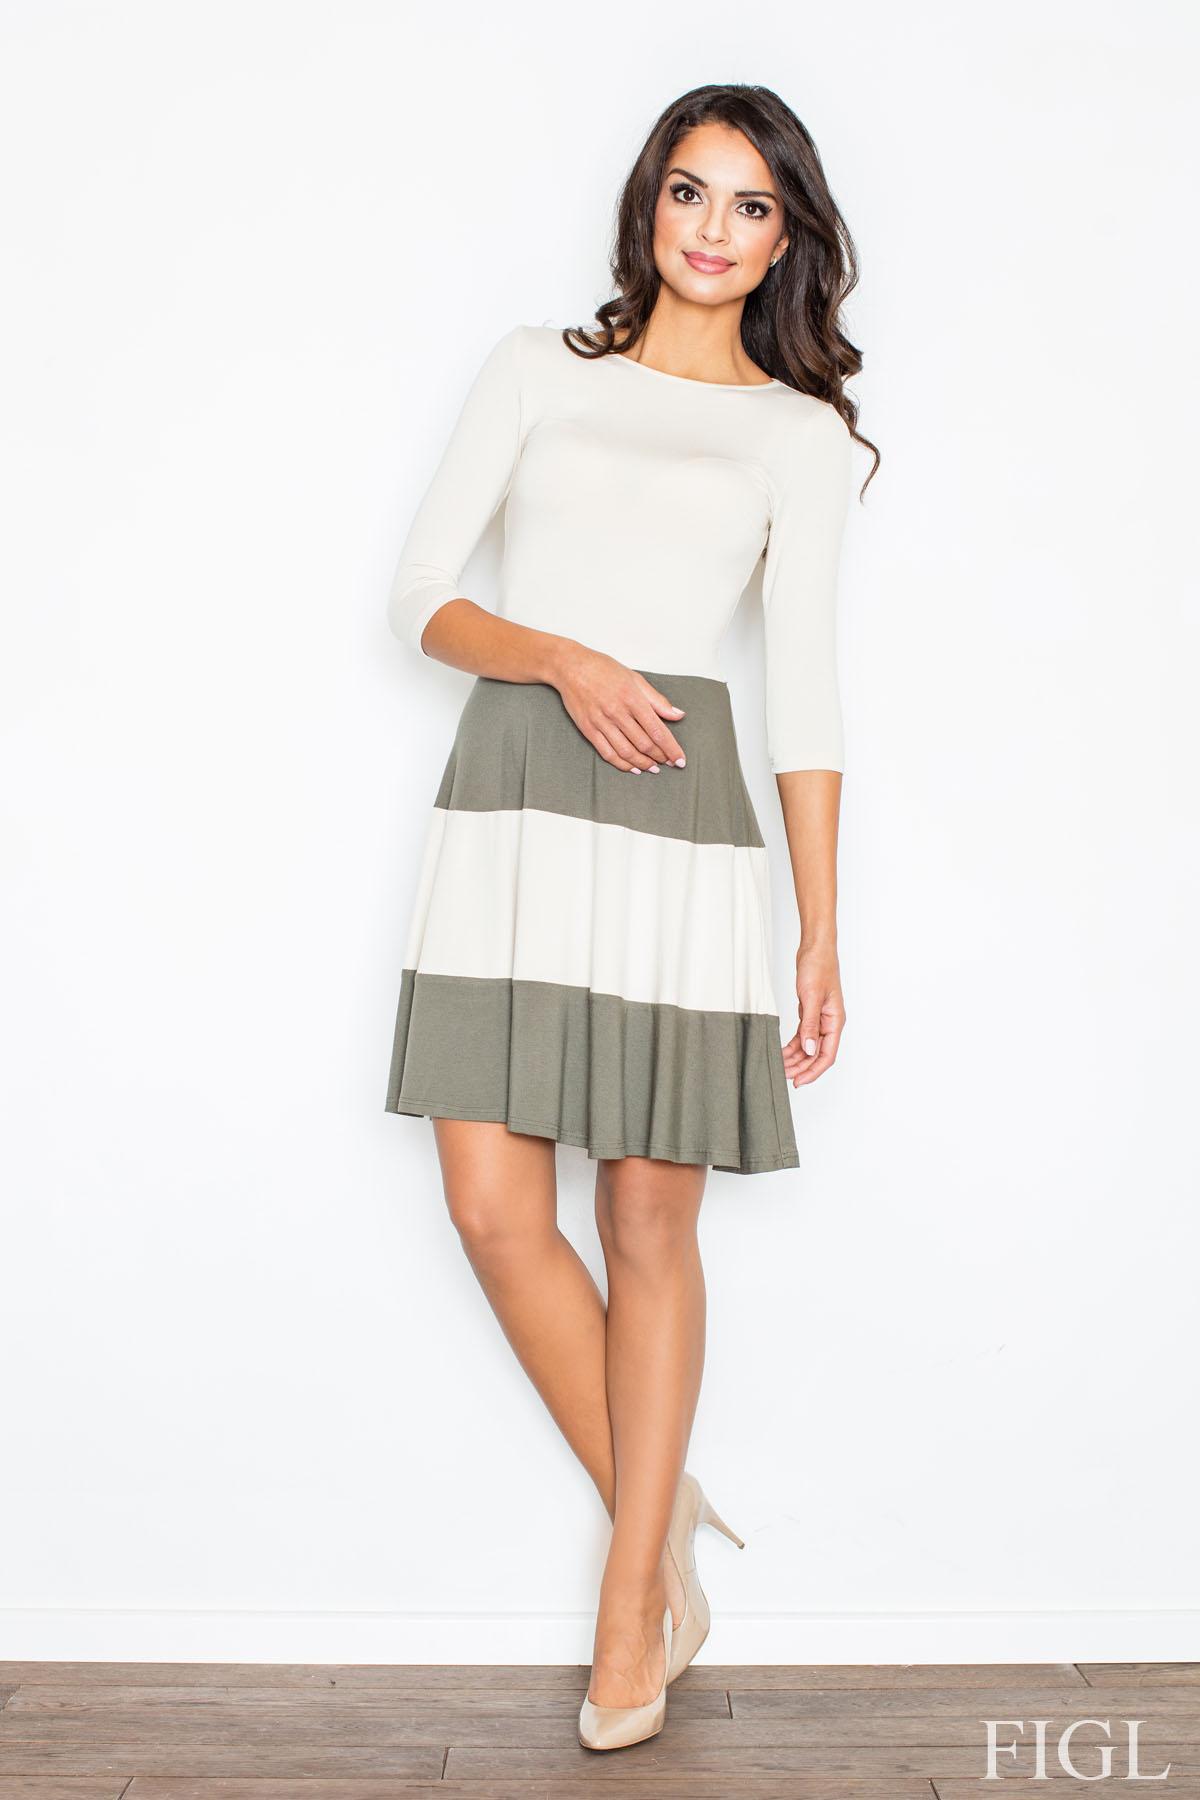 87b625b2a FIGL Dámske šaty s rozšírenou sukňou a s olivovými pruhmi M279 ...